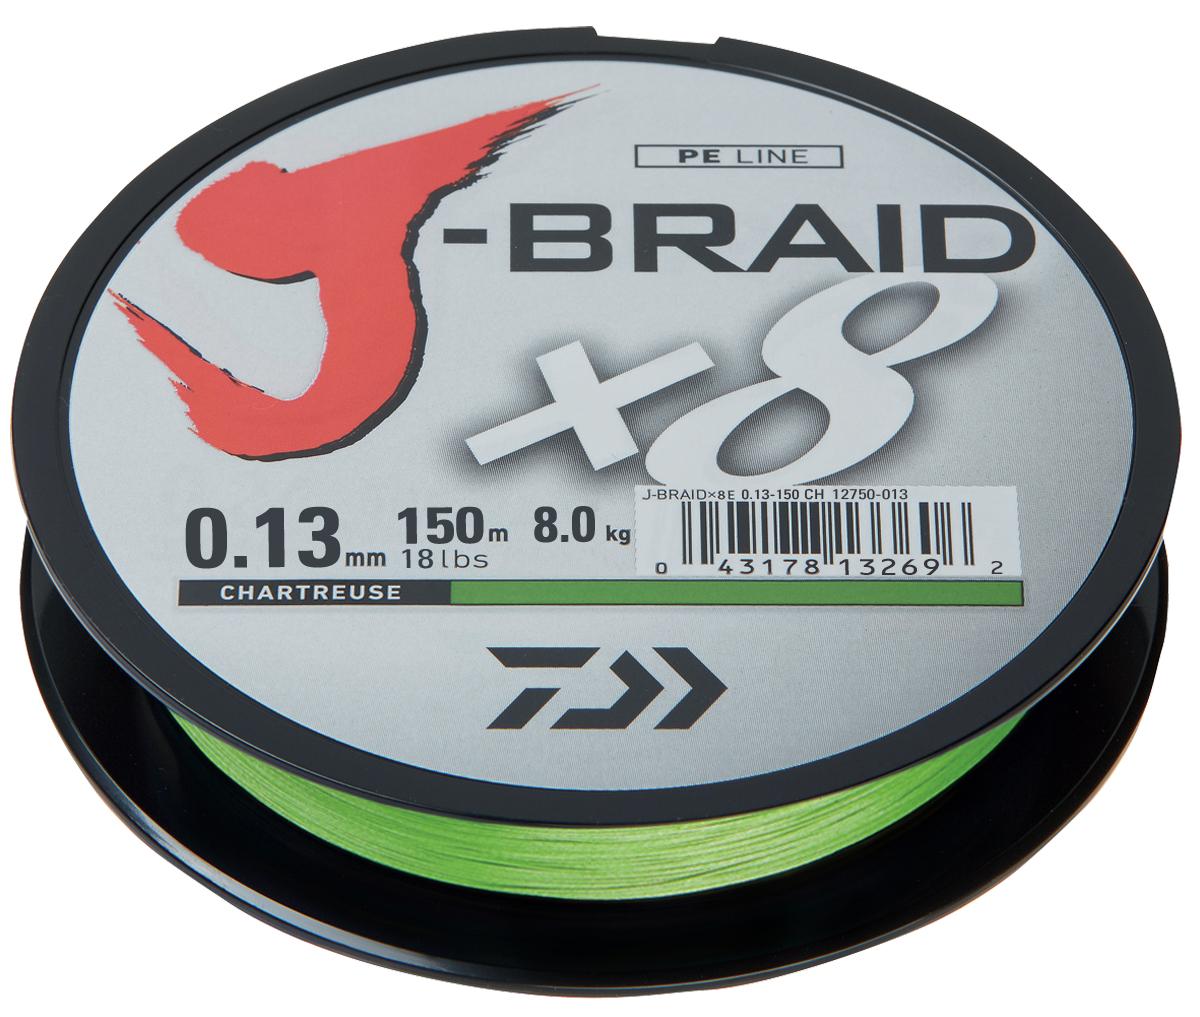 Леска плетеная DAIWA J-Braid X8 0,13мм 150м (флуор.-желтая)Леска плетеная<br>Новый J-Braid от DAIWA - исключительный шнур с <br>плетением в 8 нитей. Он полностью удовлетворяет <br>всем требованиям. предьявляемым высококачественным <br>плетеным шнурам. Неважно, собрались ли вы <br>ловить крупных морских хищников, как палтус, <br>треска или спйда, или окуня и судака, с вашим <br>новым J-Braid вы всегда контролируете рыбу. <br>J-Braid предлагает соответствующий диаметр <br>для любых техник ловли: море, река или озеро <br>- невероятно прочный и надежный. J-Braid скользит <br>через кольца, обеспечивая дальний и точный <br>заброс даже самых легких приманок. Идеален <br>для спиннинговых и бейткастинговых катушек! <br>Невероятное соотношение цены и качества! <br>-Плетение 8 нитей -Круглое сечение -Высокая <br>прочность на разрыв -Высокая износостойкость <br>-Не растягивается -Сделан в Японии<br>